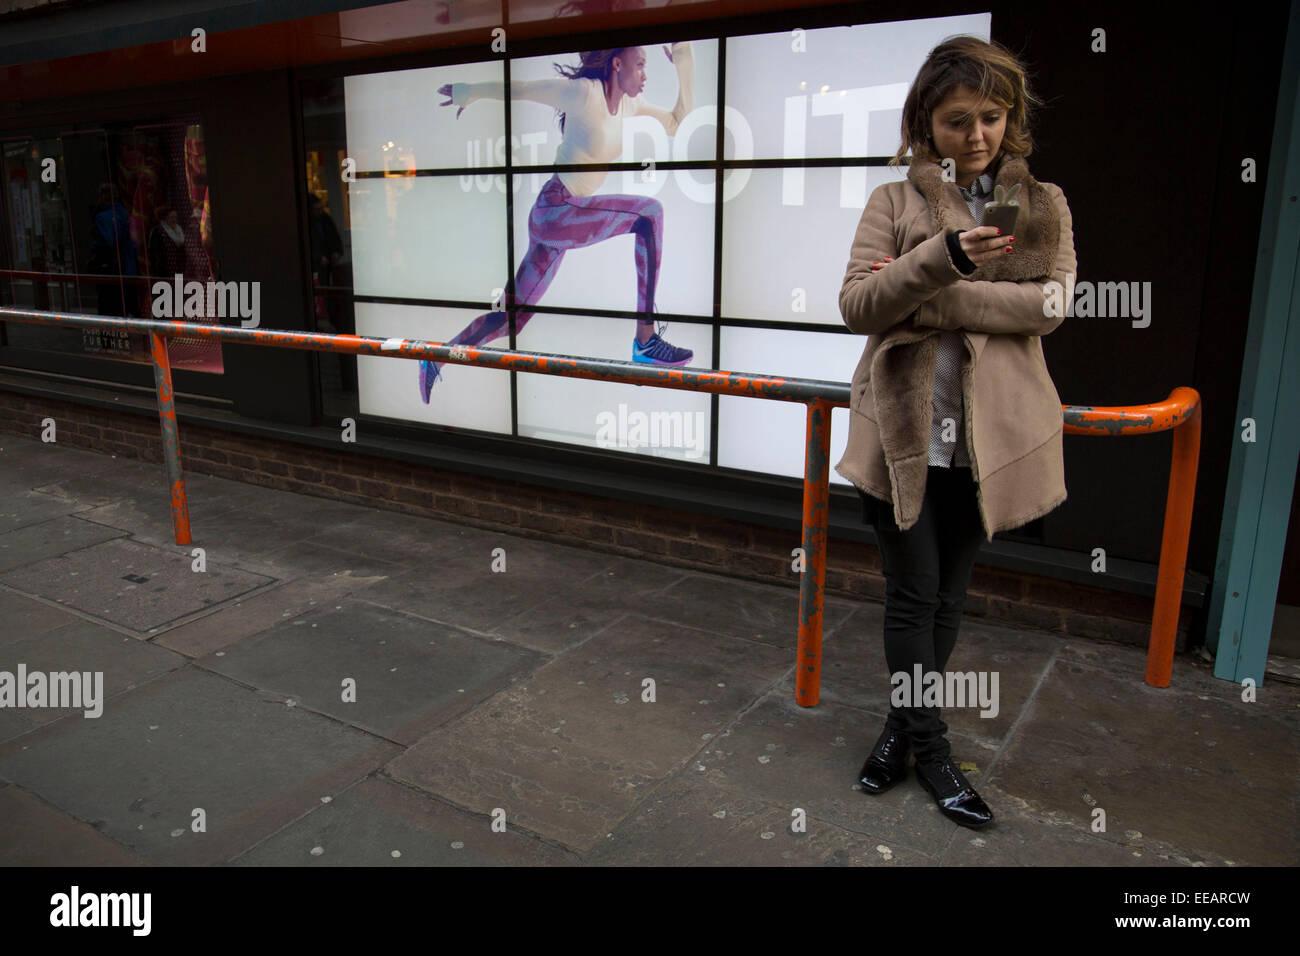 Pubblicità Nike runner corre lungo una barriera vicino gli ignari cittadini. Il video annuncio pubblicitario Immagini Stock